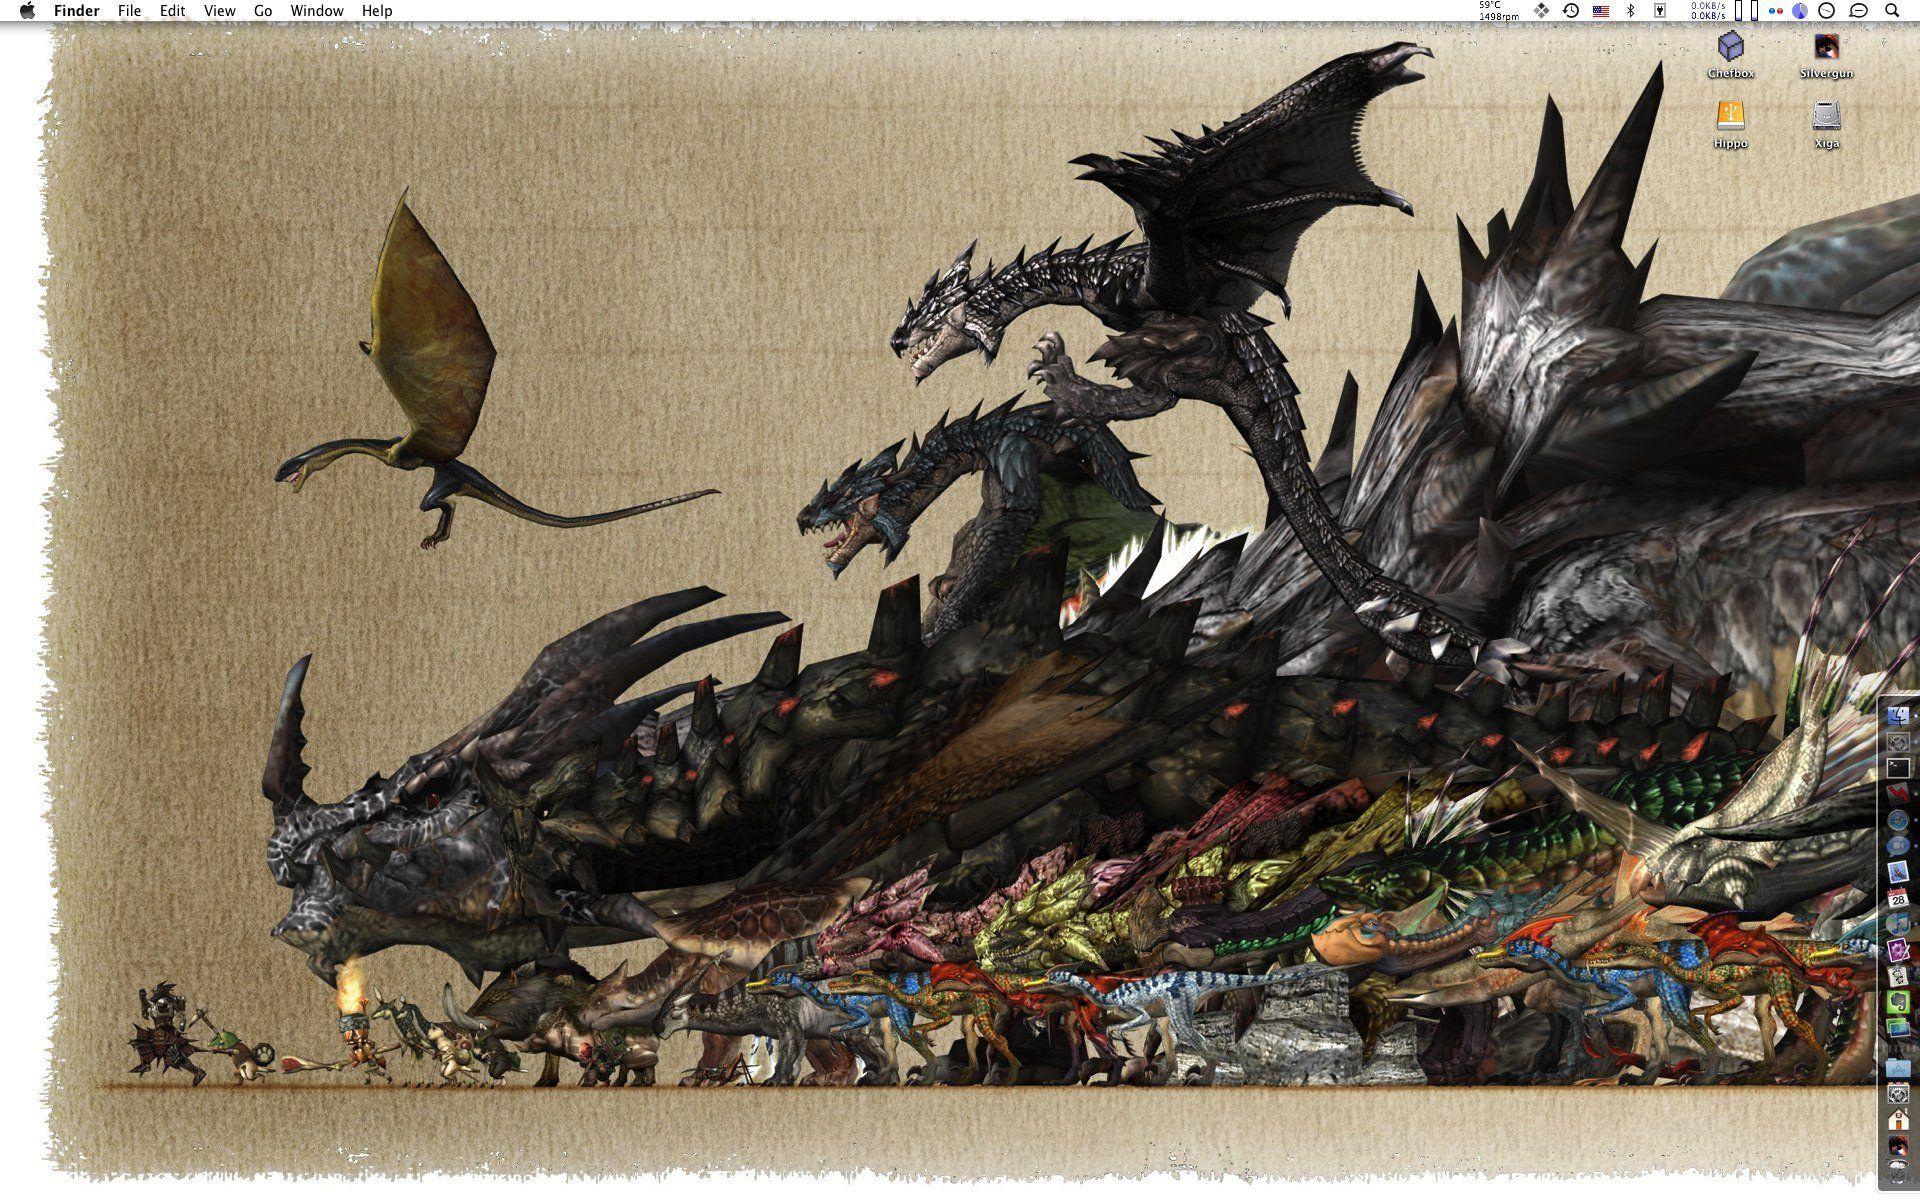 Monster Hunter Freedom Unite Monster Wallpaper - Monster Hunter World Monster Size , HD Wallpaper & Backgrounds